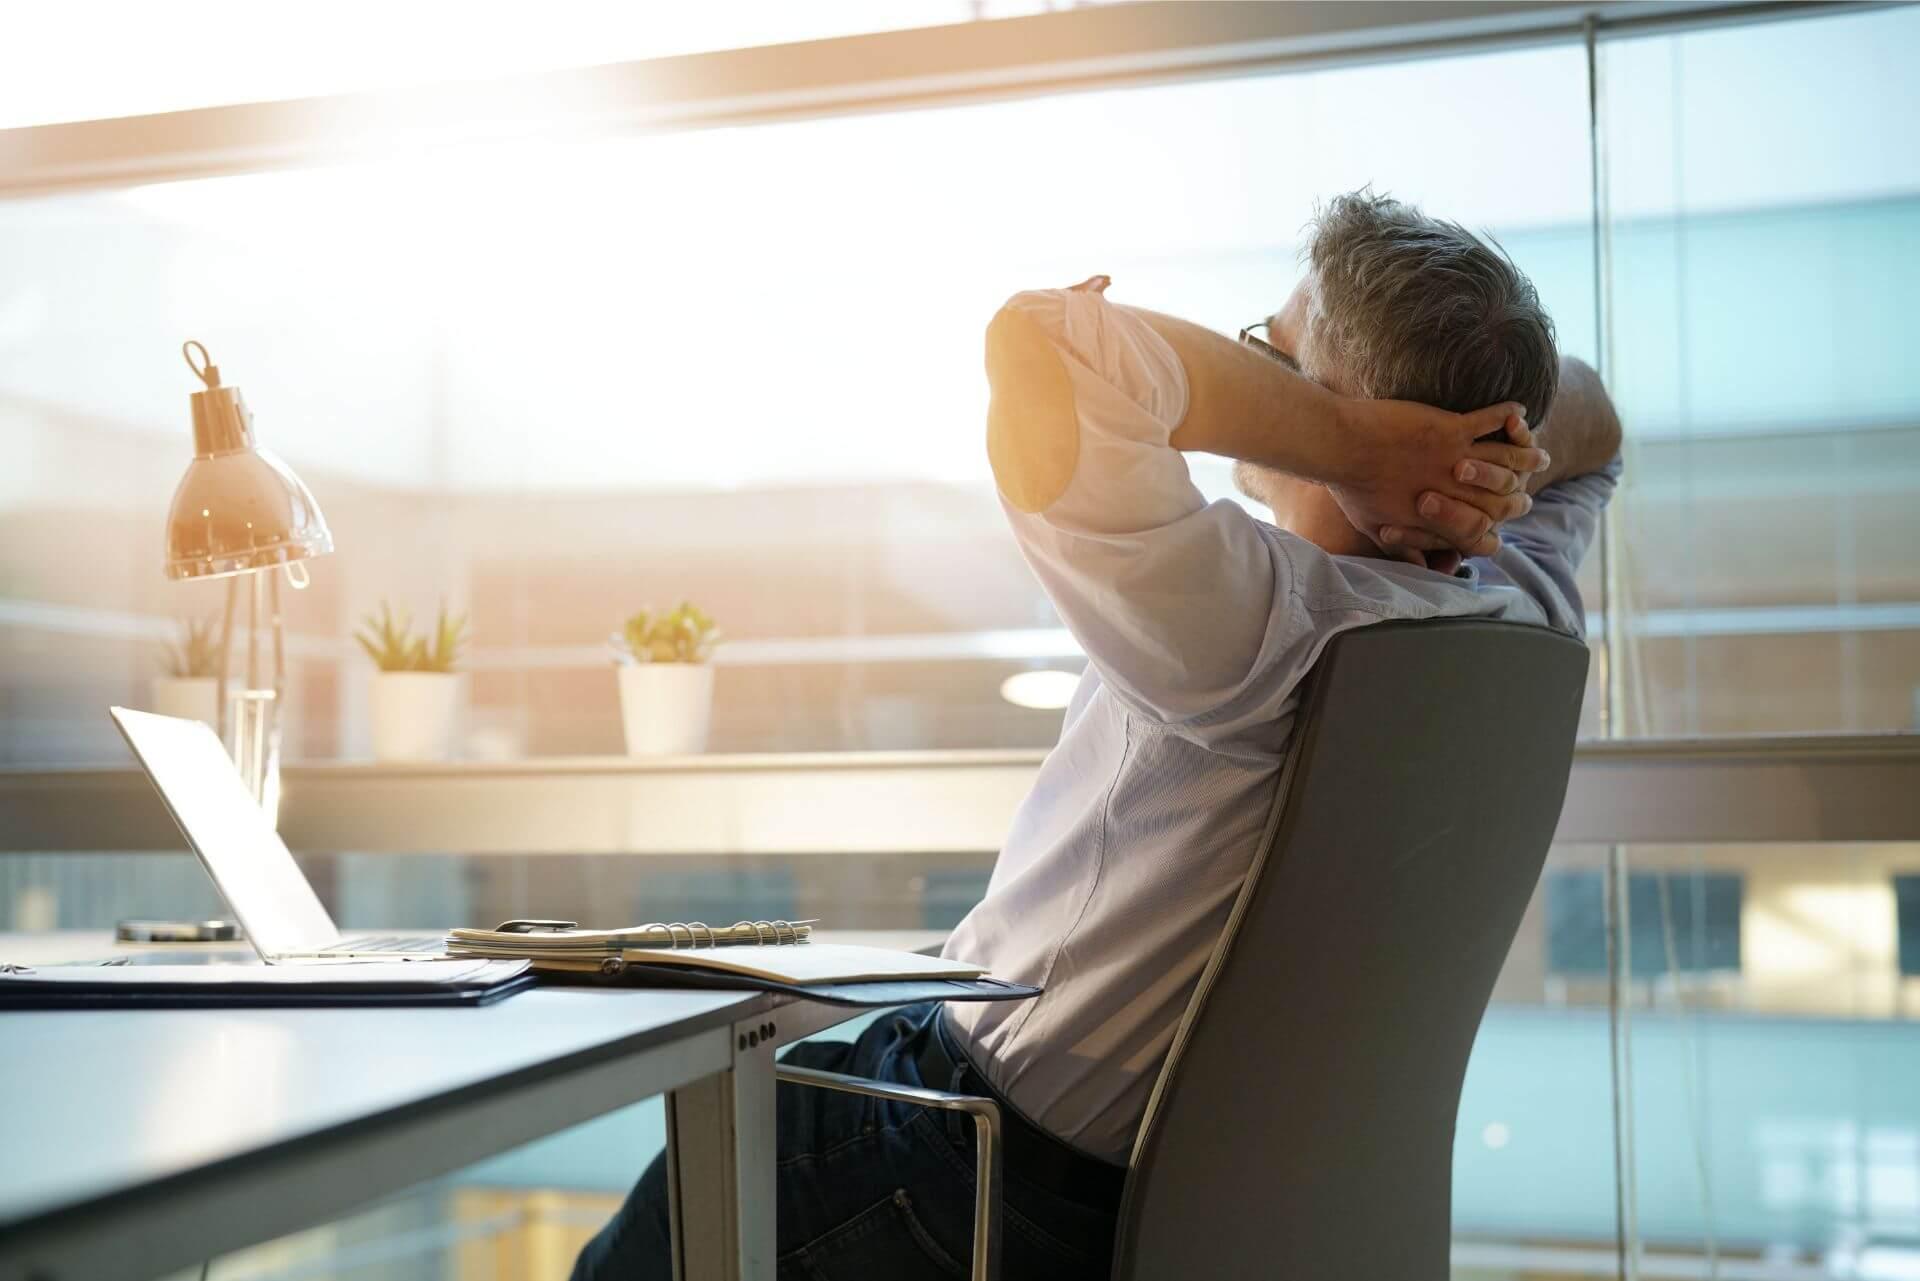 Zarządzanie zUważnością, Inteligencja Emocjonalna, Work-Life Balance